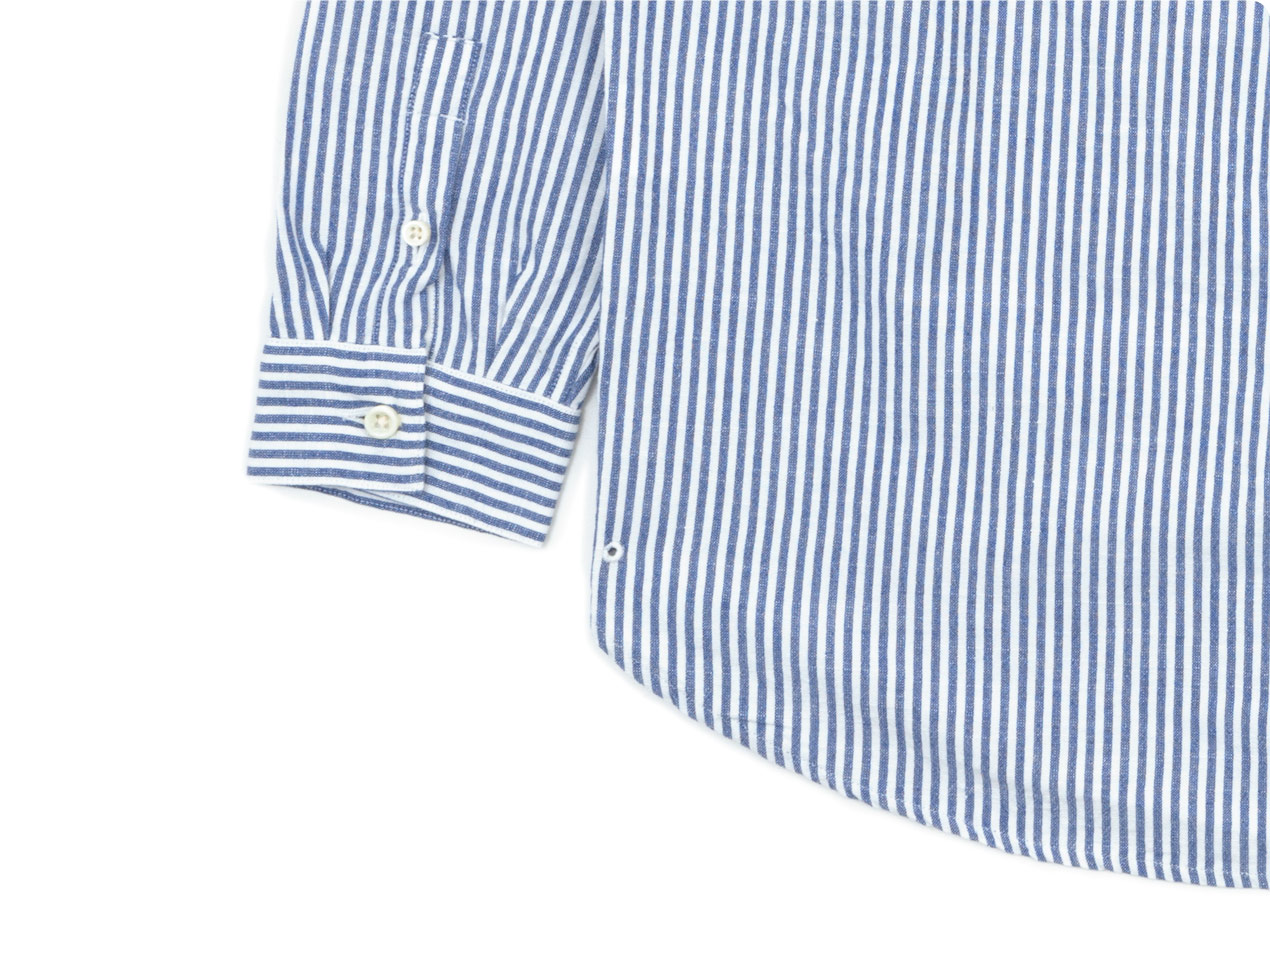 maillot sunset relax B.D. shirts